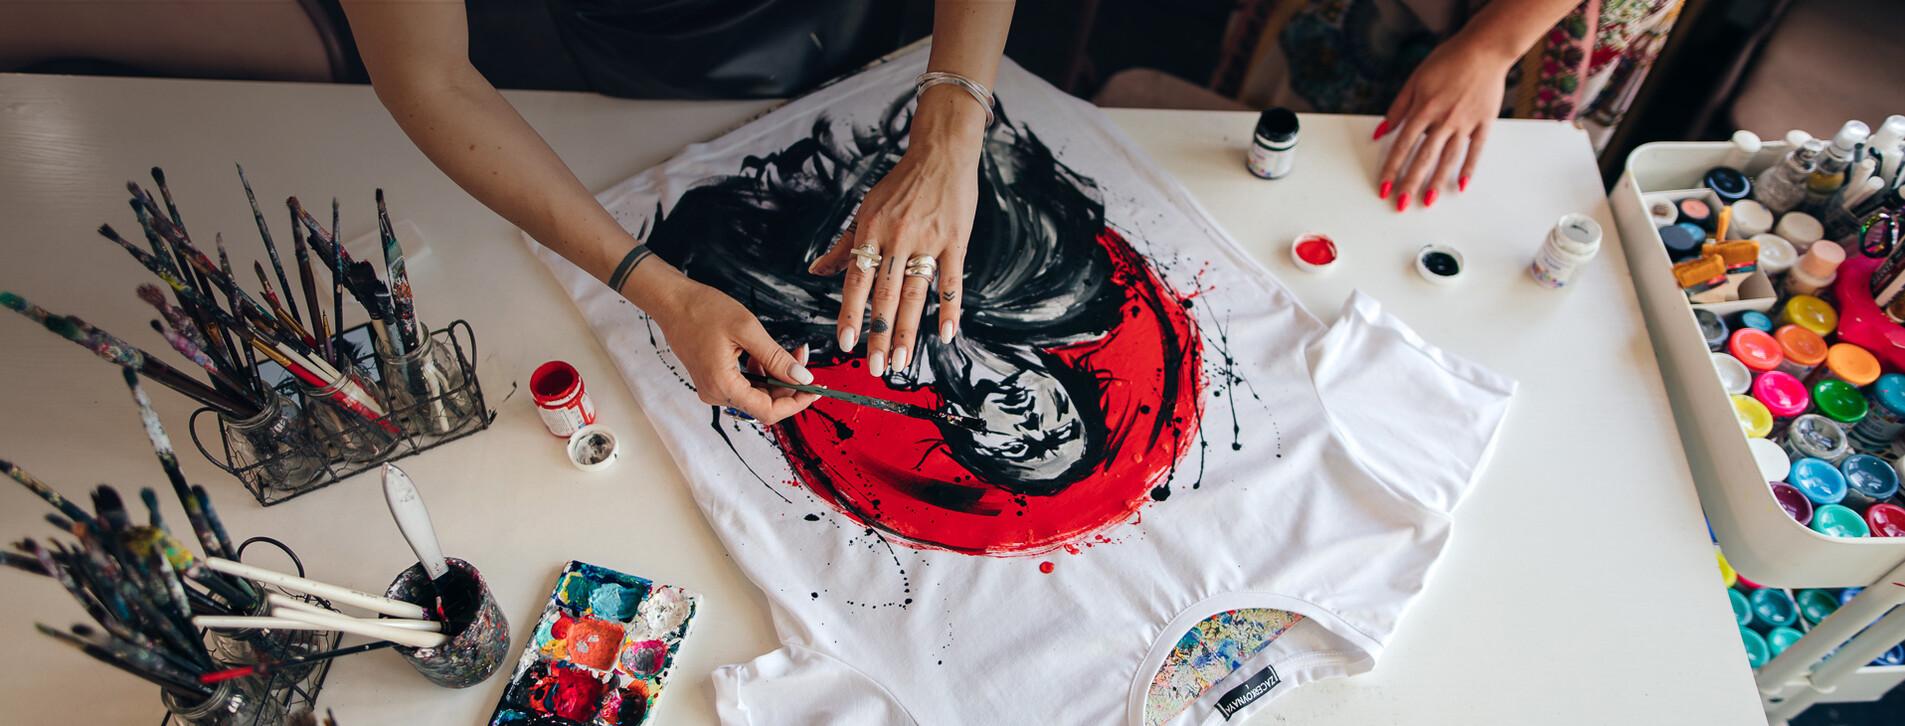 Фото 1 - Мастер-класс росписи одежды